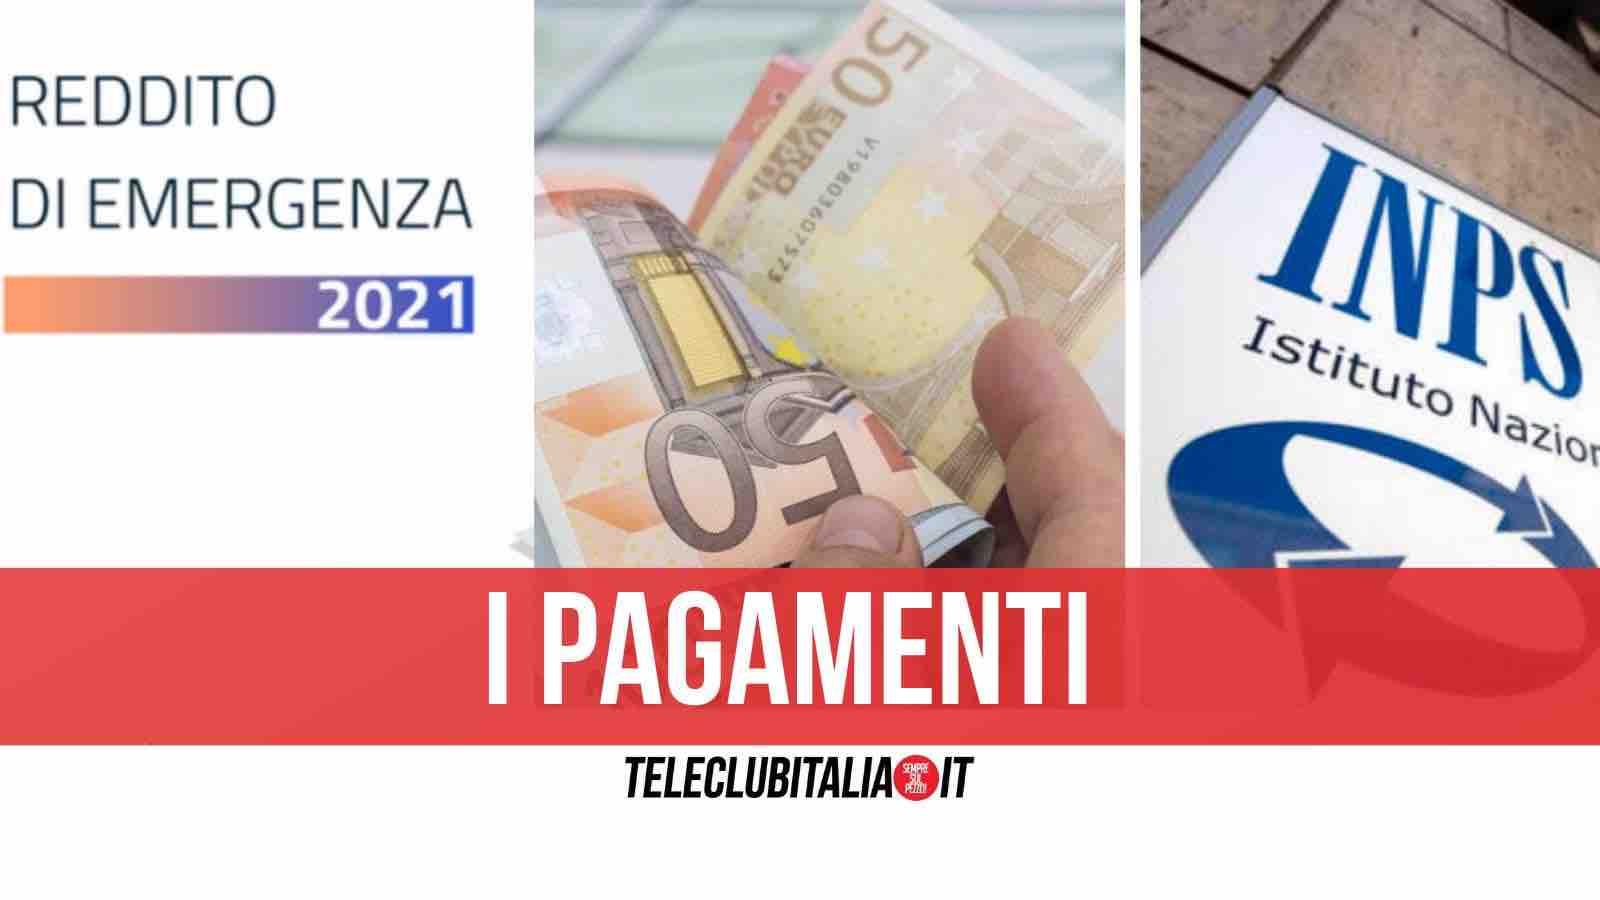 reddito di emergenza pagamenti